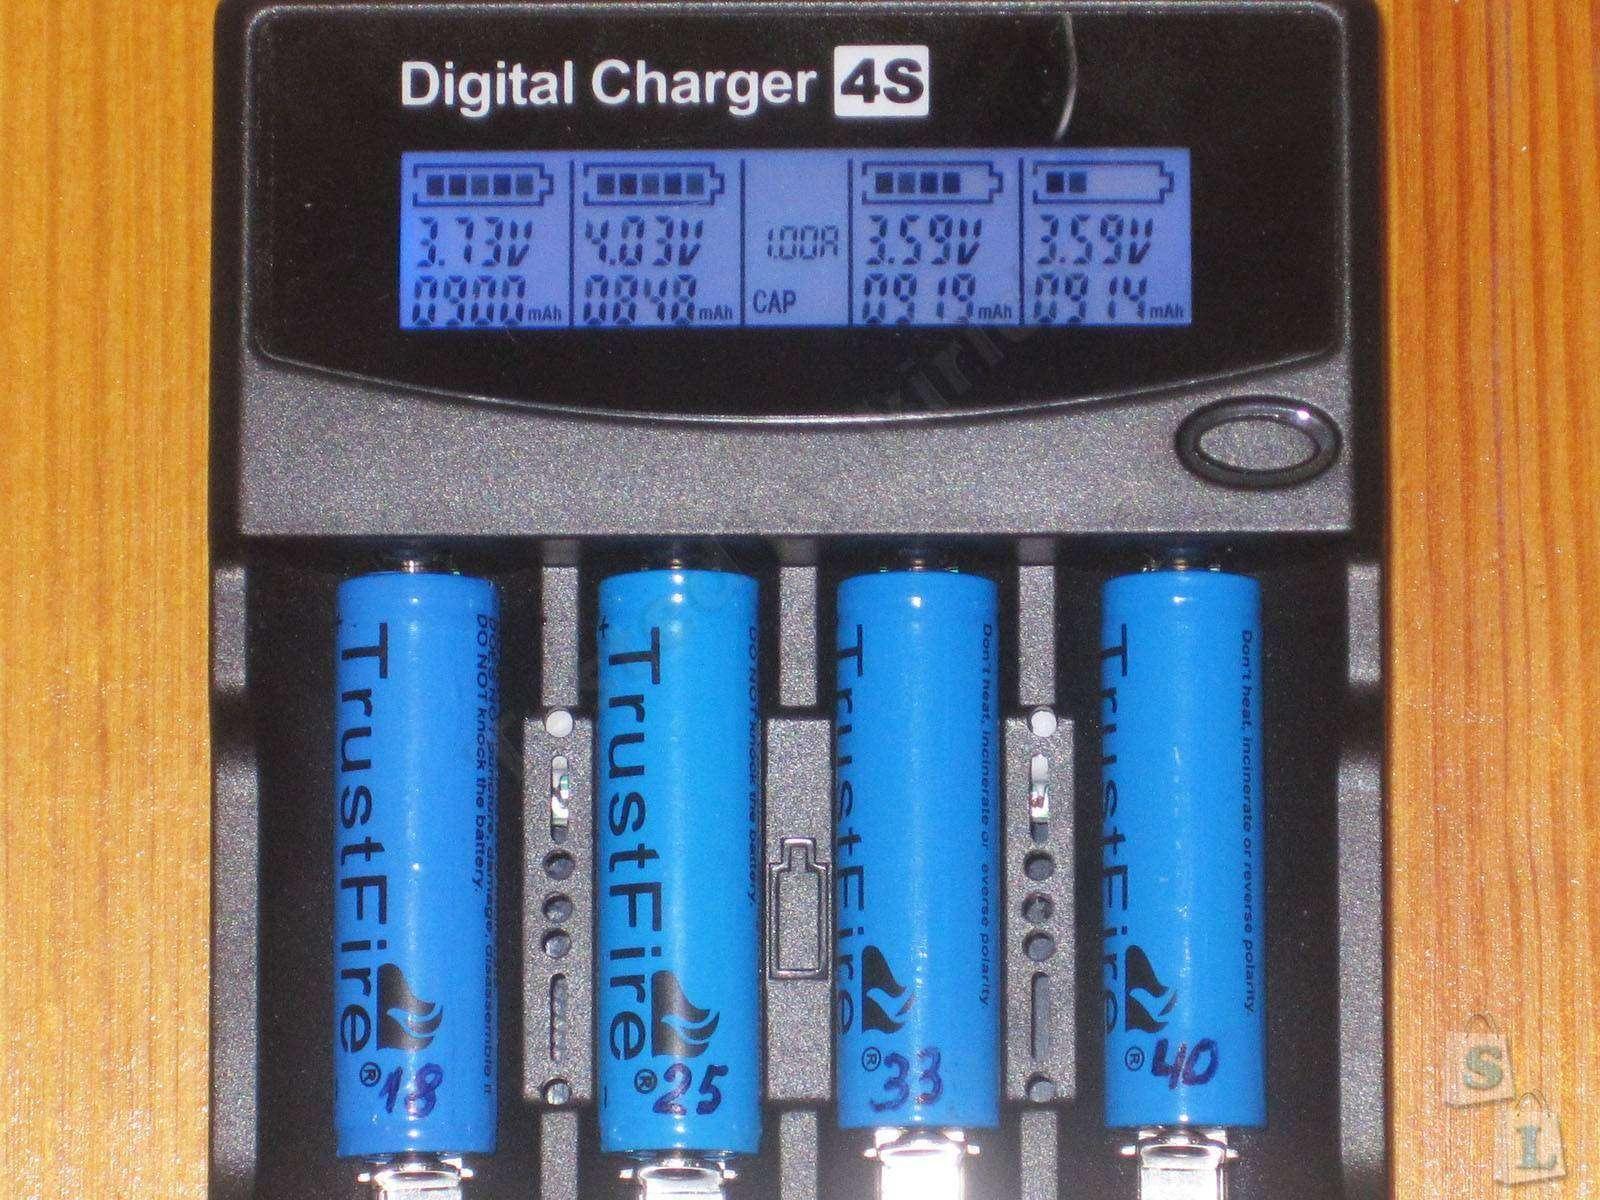 ChinaBuye: Аккумуляторы TrustFire 14500 protected 900mAh, часть вторая, продолжение эксперимента.